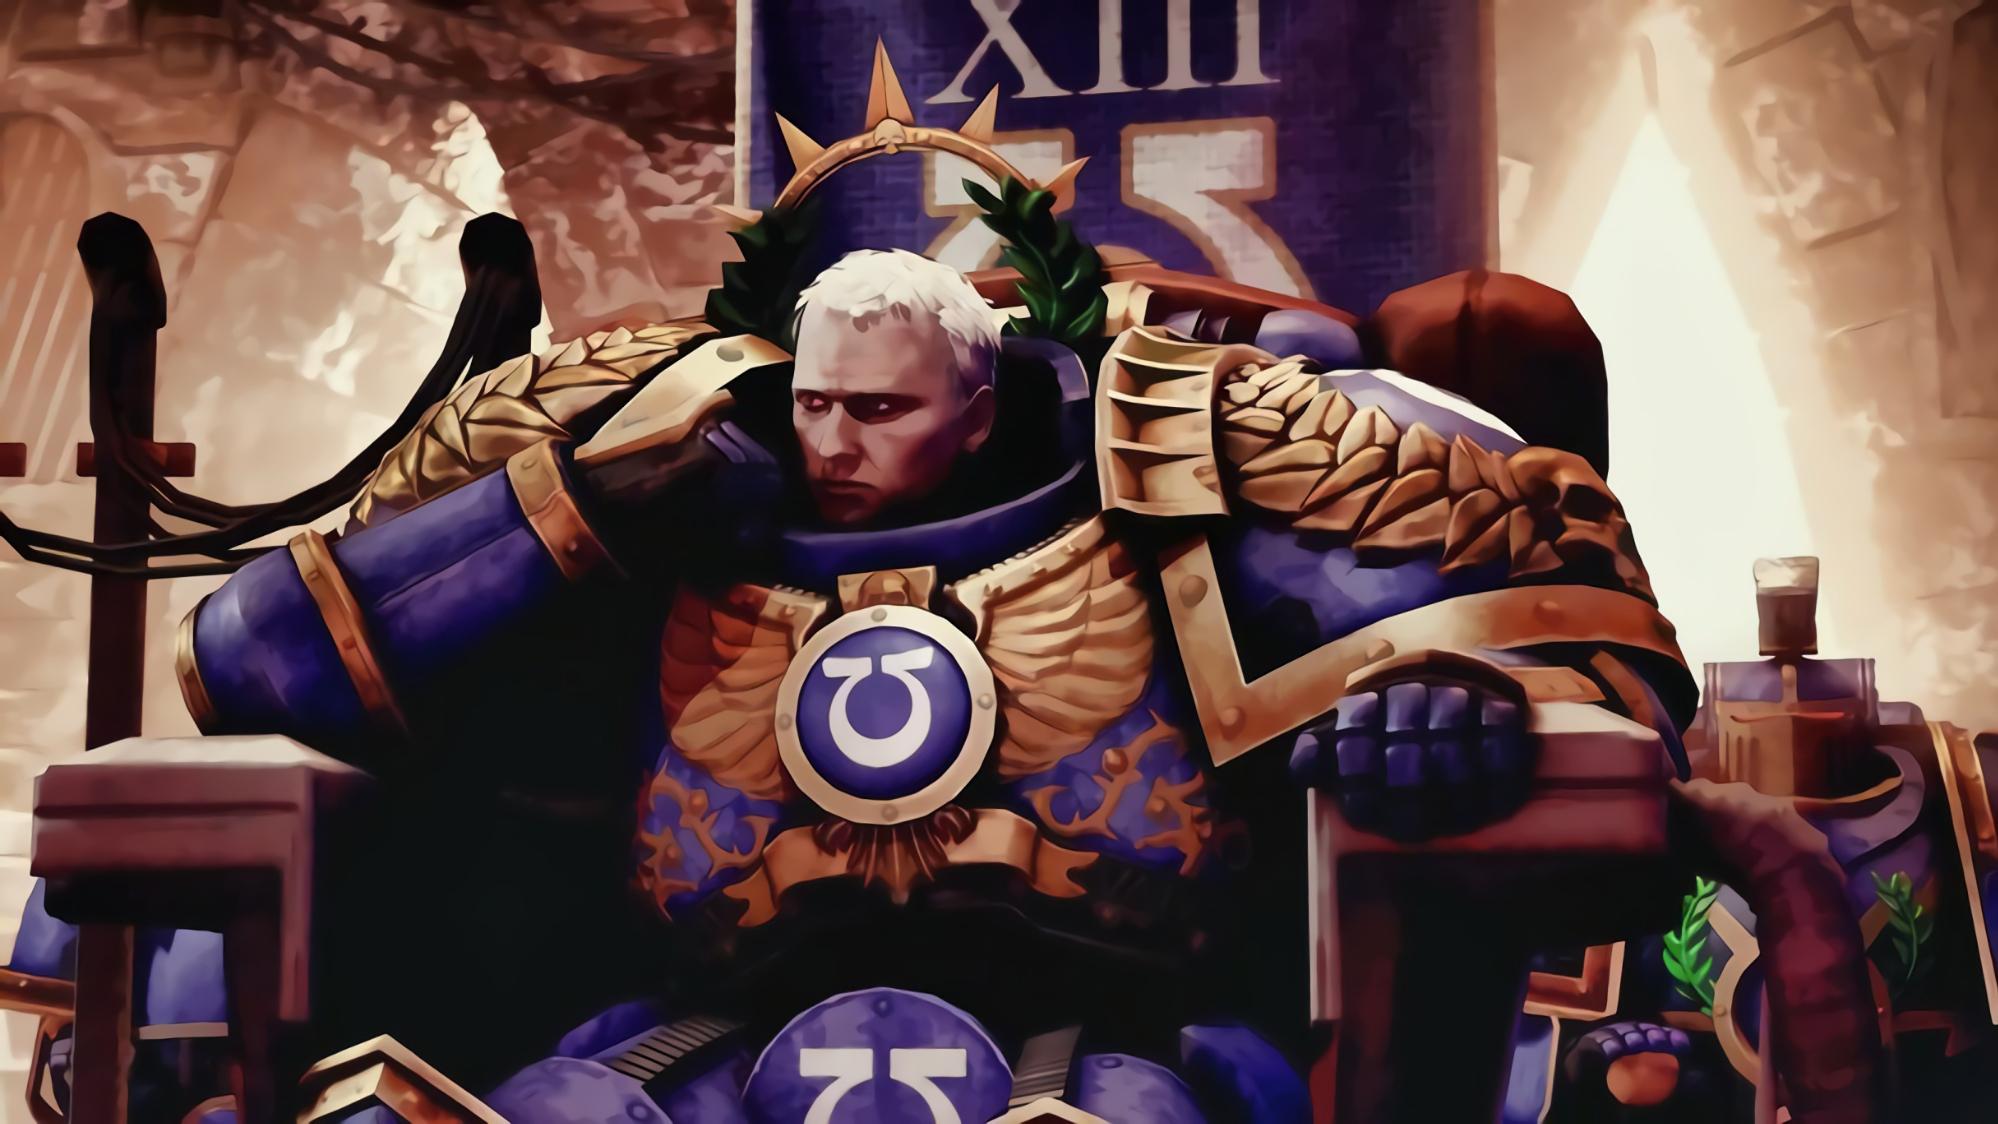 【达奇】他改变了帝国 天堂之战与第二帝国 《战锤40K》背后的故事